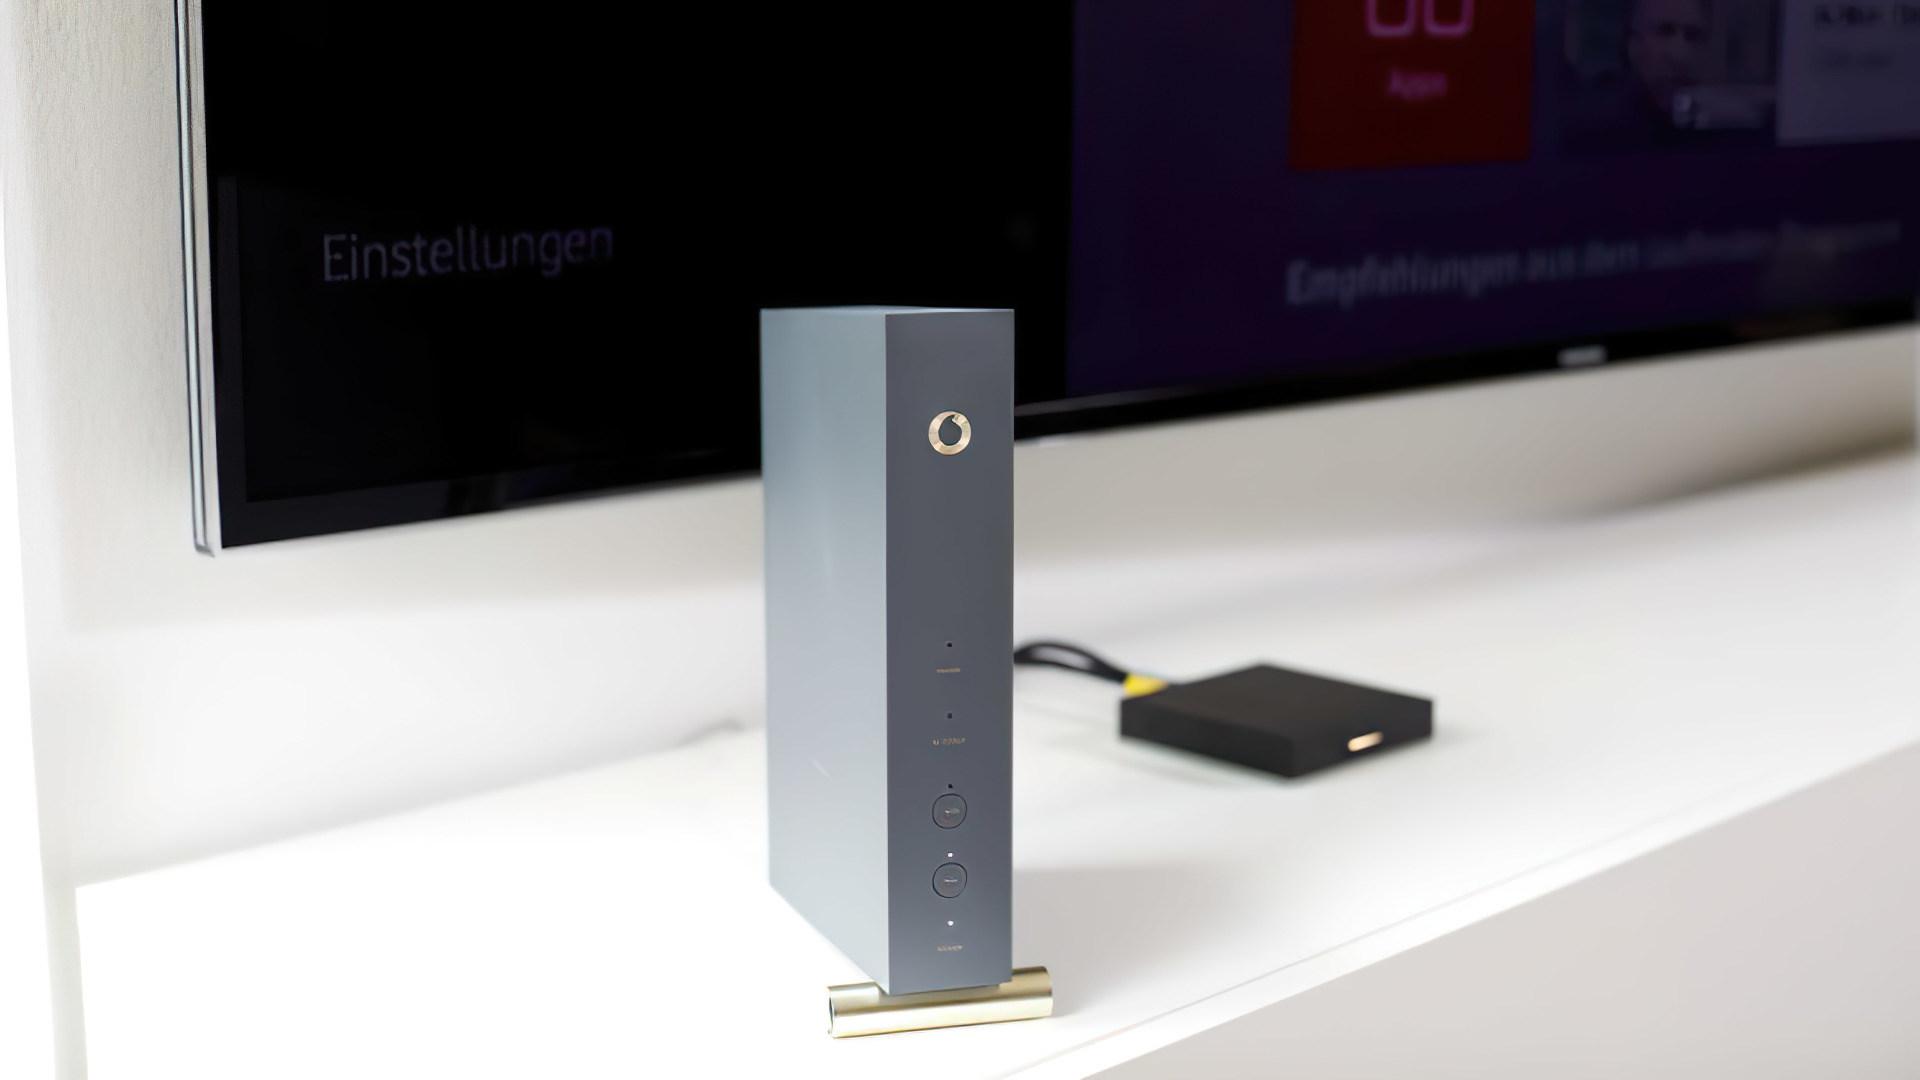 Streaming, Fernsehen, Vodafone, Dazn, GigaTV, GigaTV Box